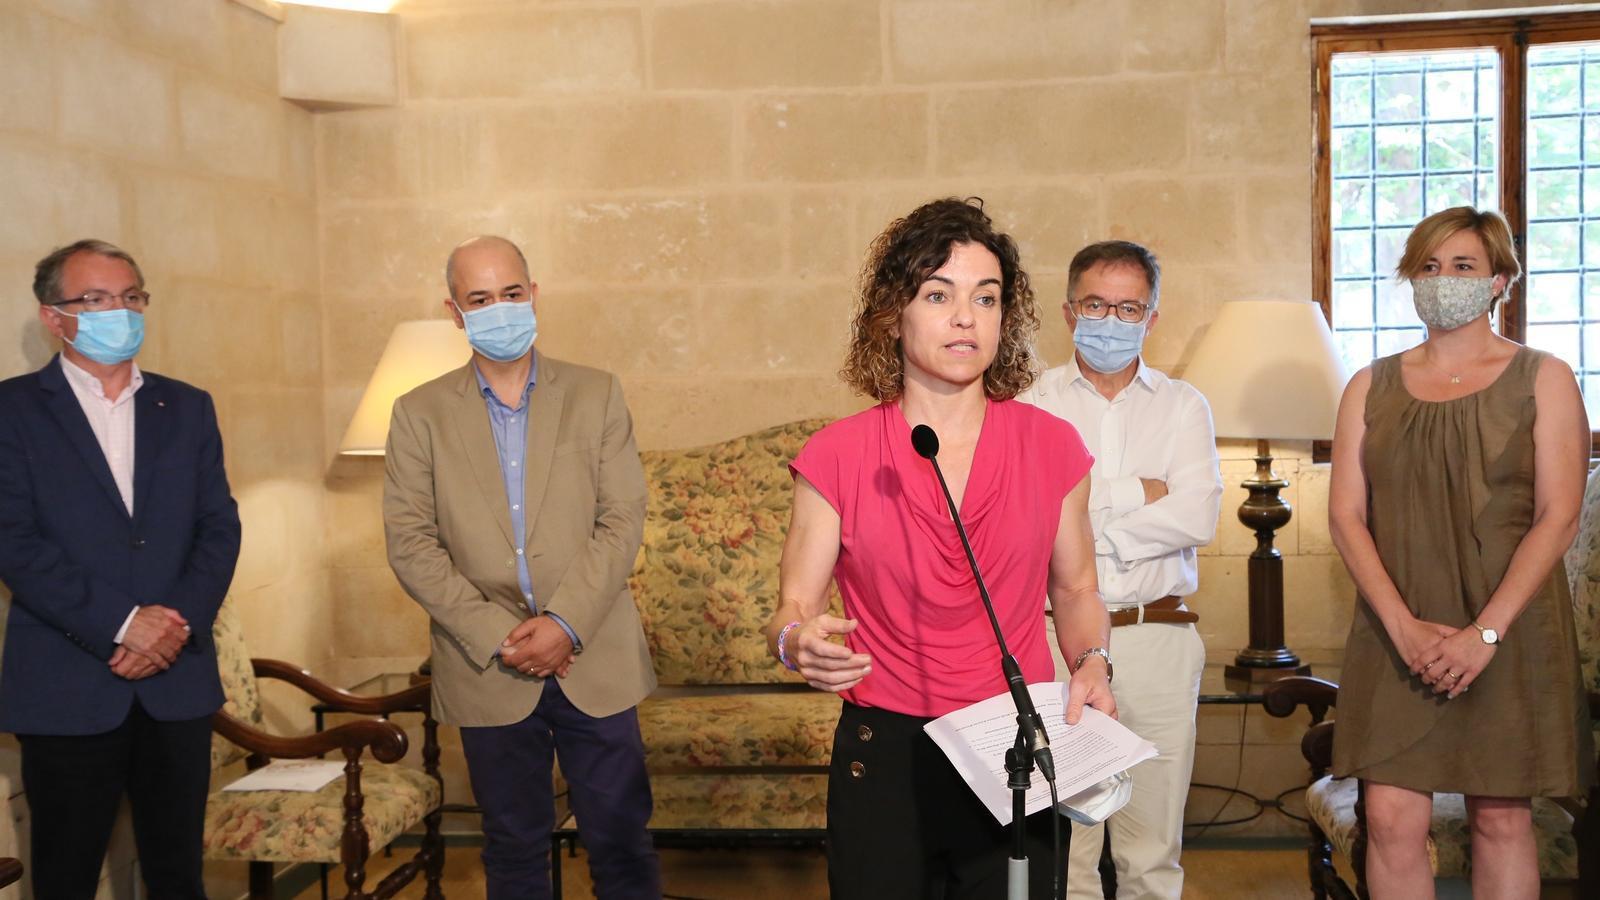 La consellera d'Hisenda i Relacions Exteriors, Rosario Sánchez, a la roda de premsa d'aquest dimecres